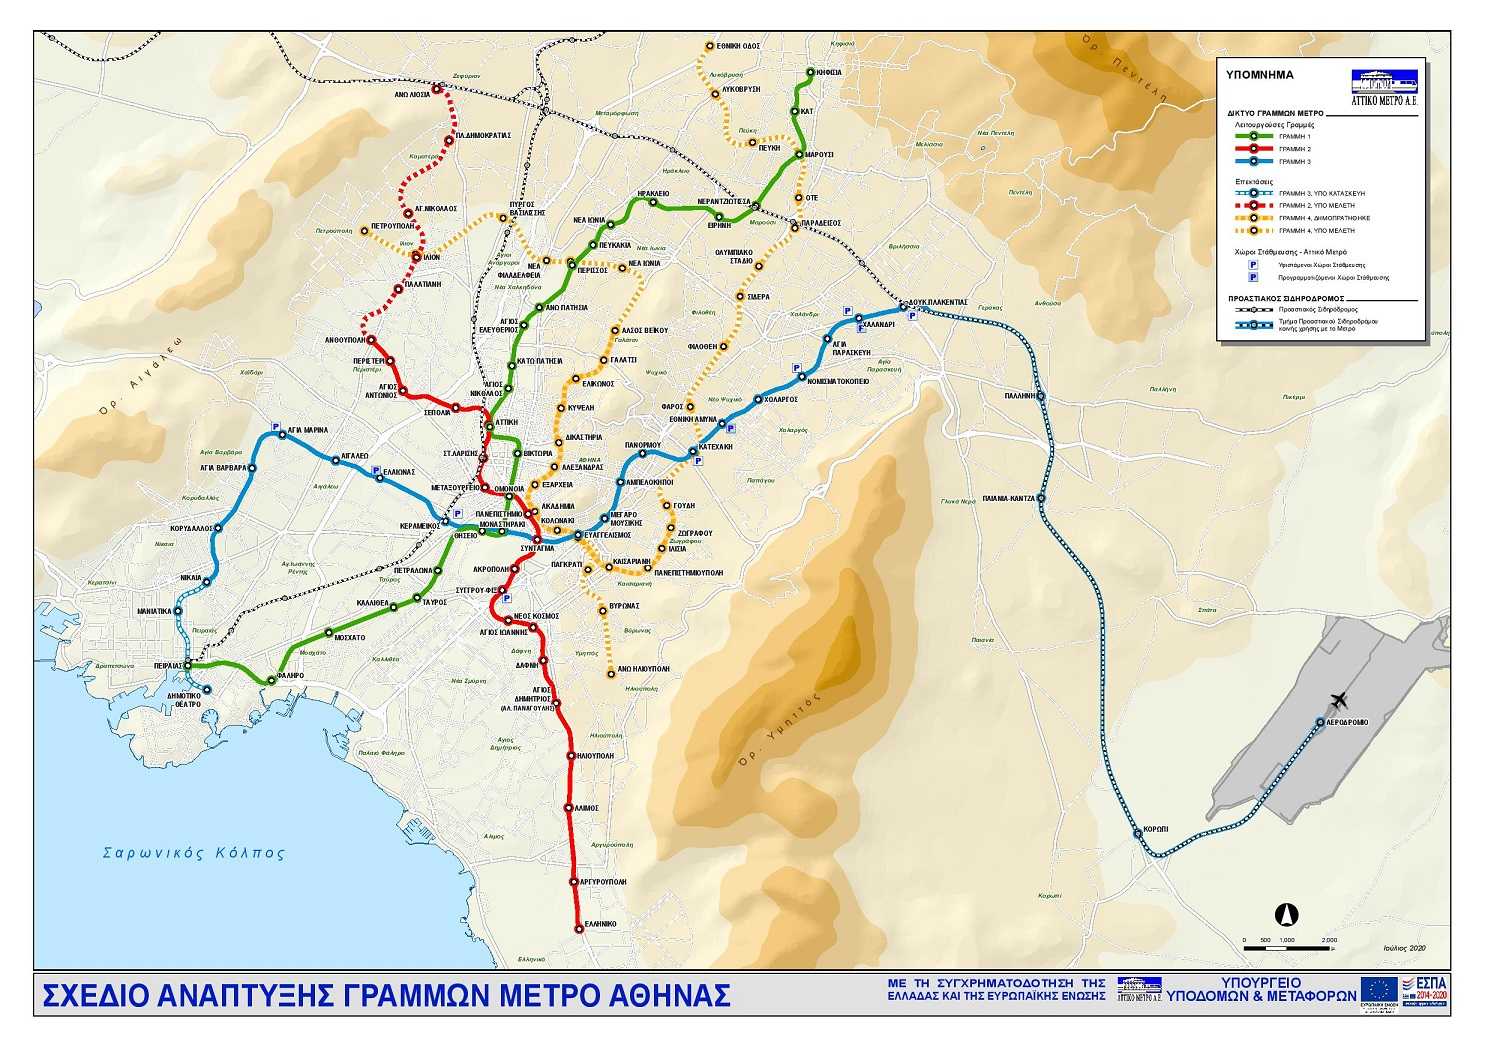 Σχέδιο Ανάπτυξης Γραμμών Μετρό Ιούλιος 2020